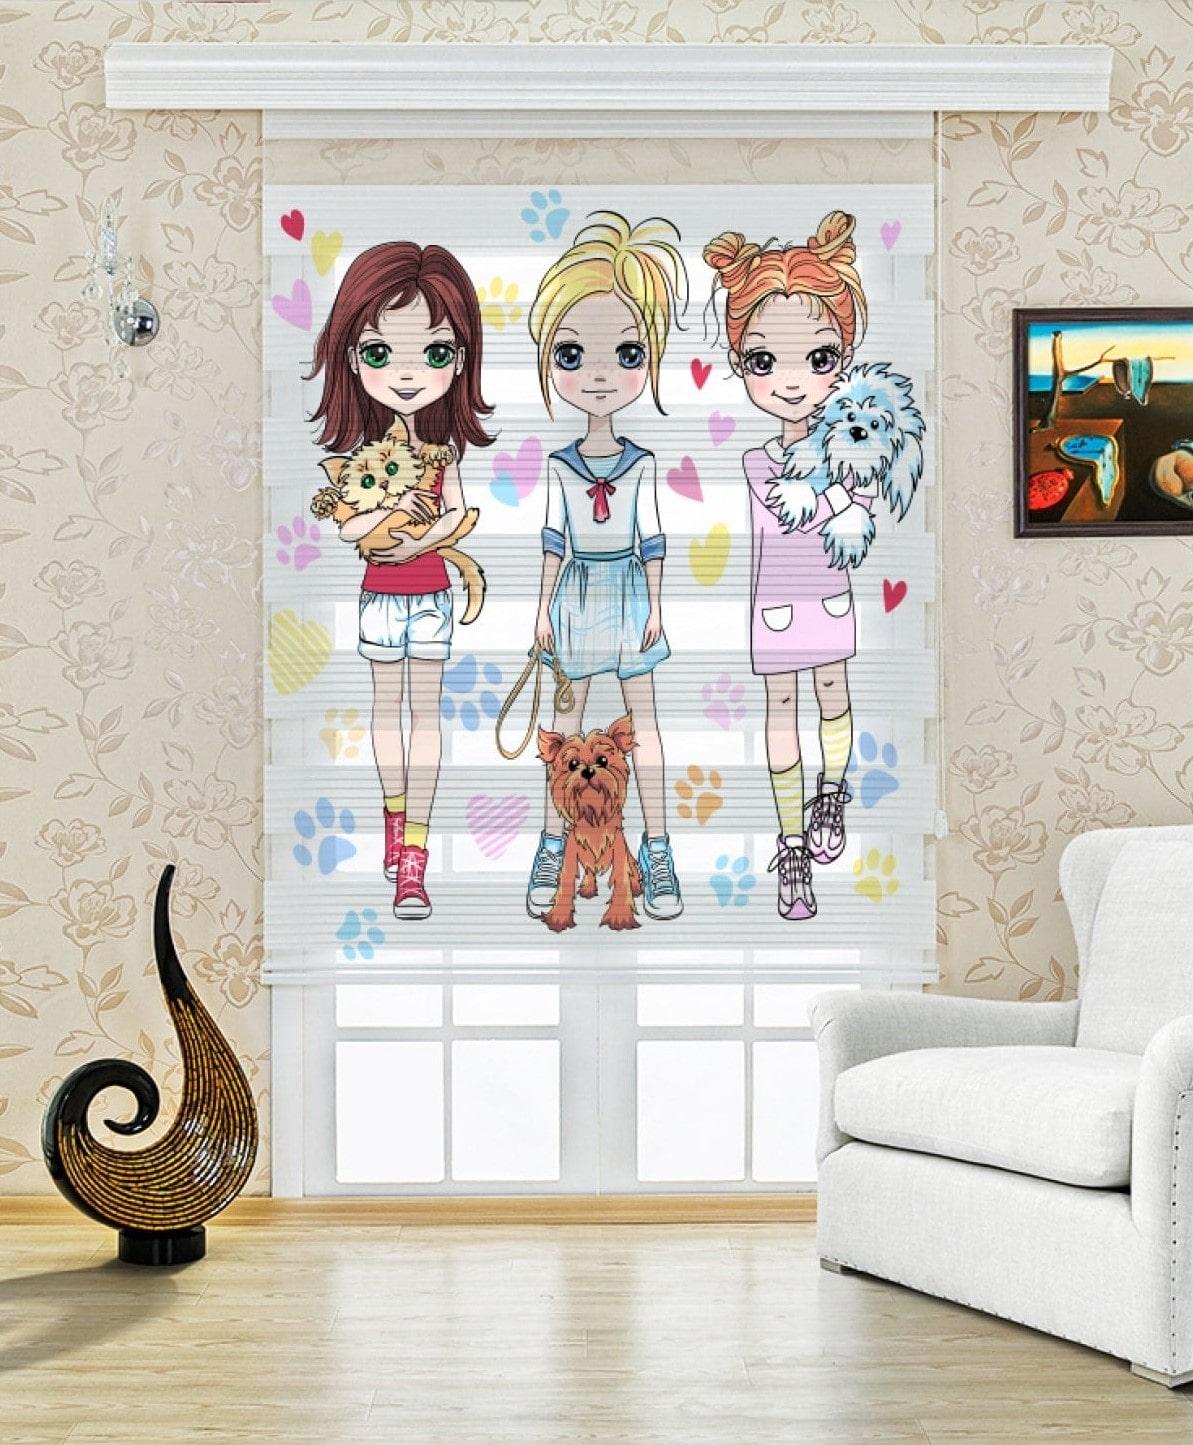 Cici Kızlar Baskılı Çocuk Odası Zebra Perde